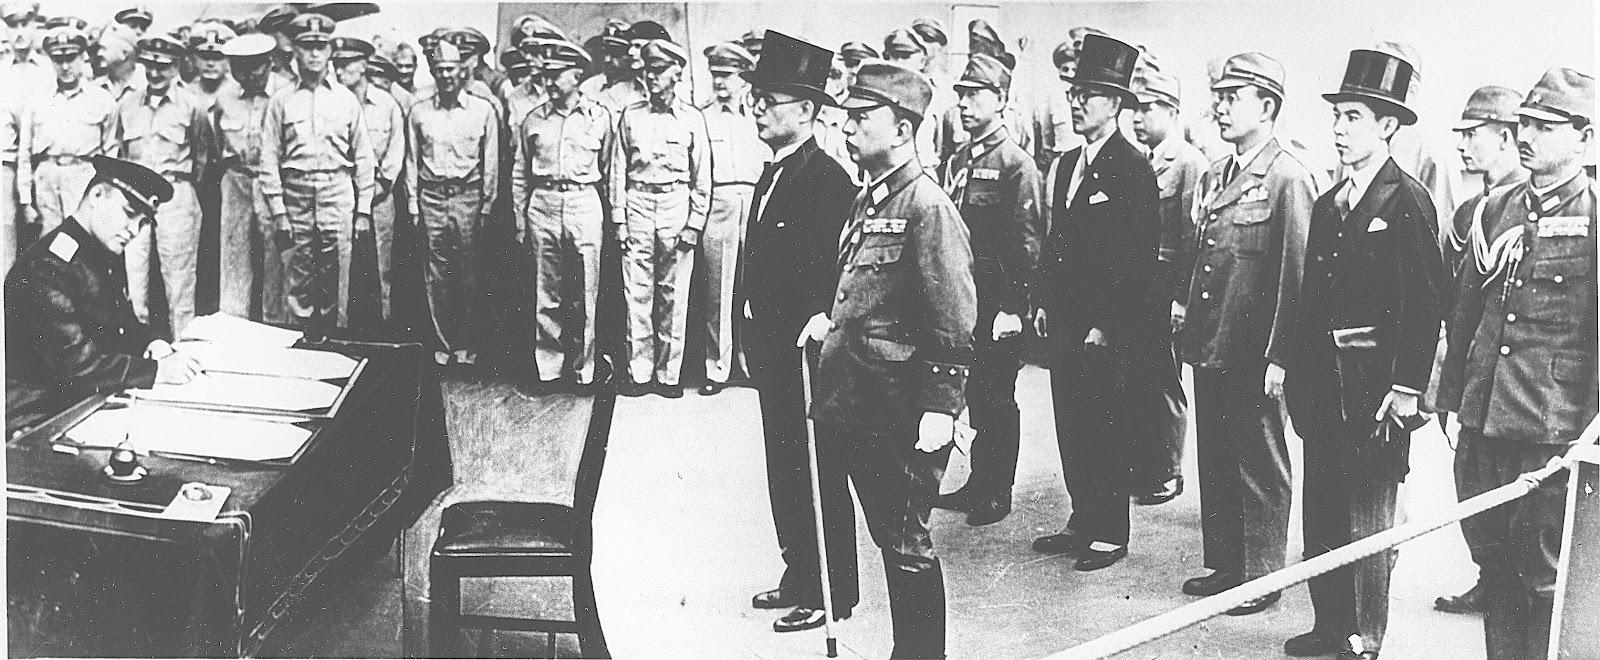 kapitulyaciya-yaponii-1945g-2.jpg